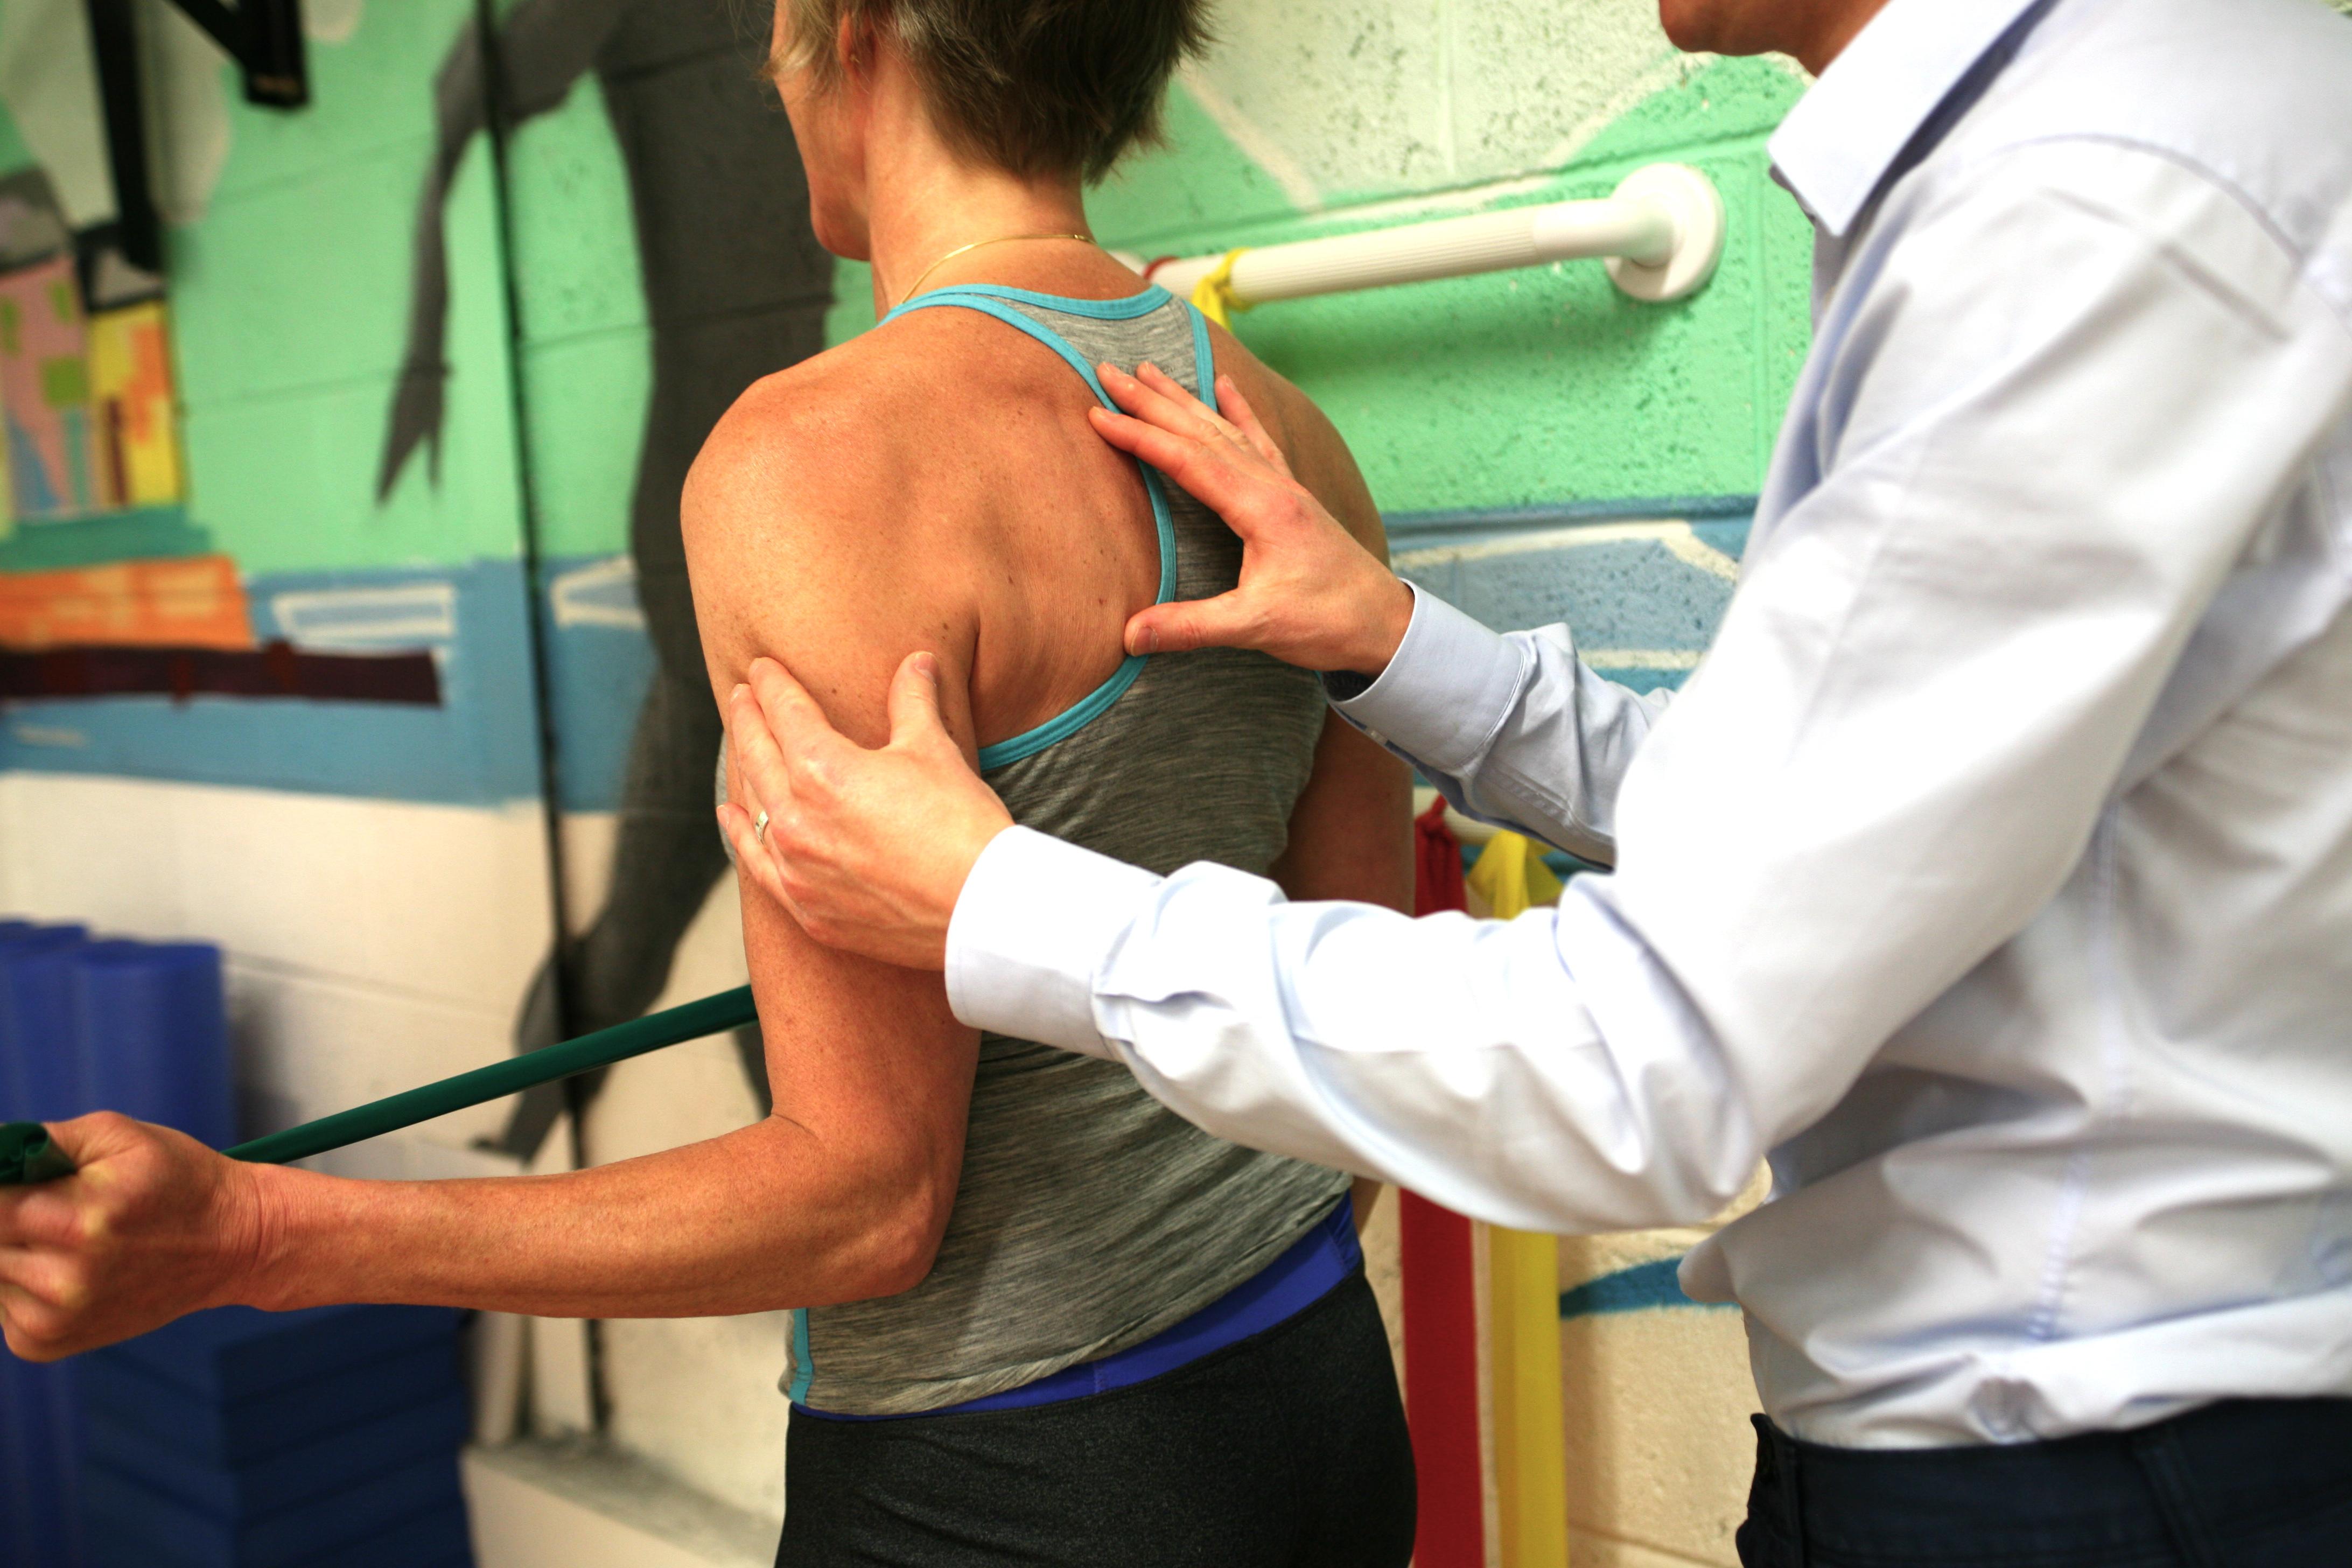 肩甲胸郭関節とローテーターカフトレーニングの重要性